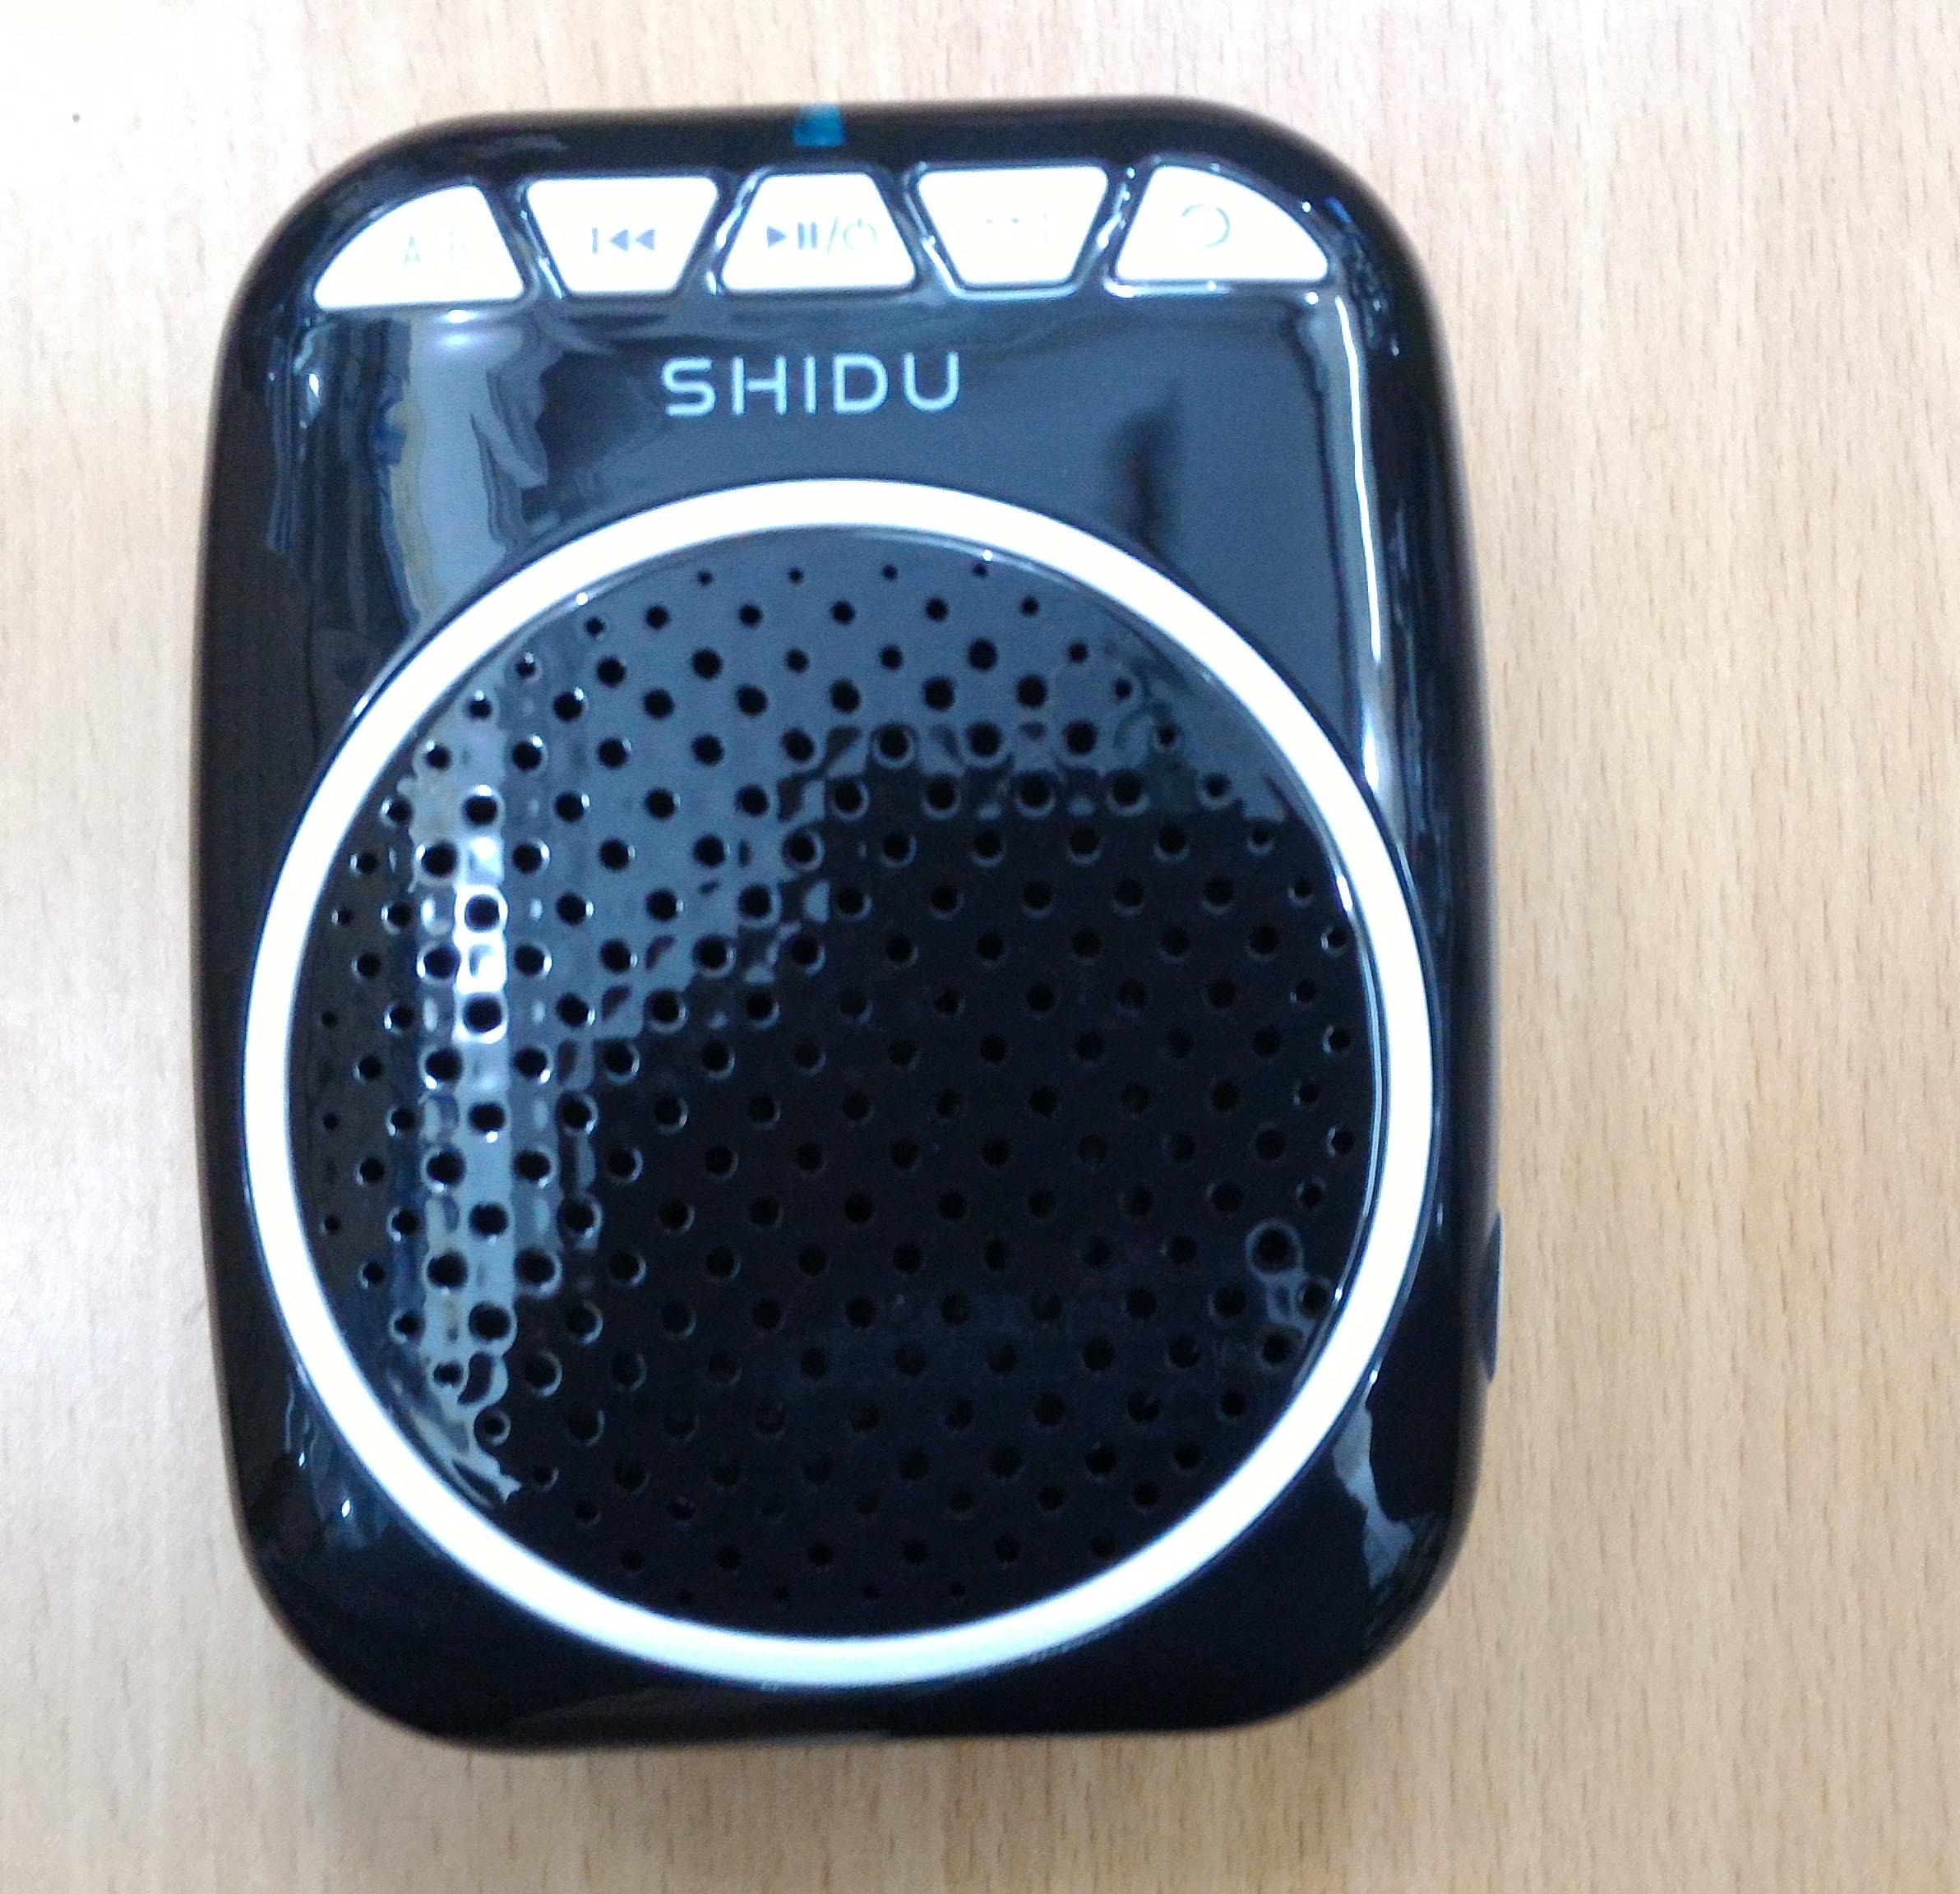 shidu s308 mặt trước